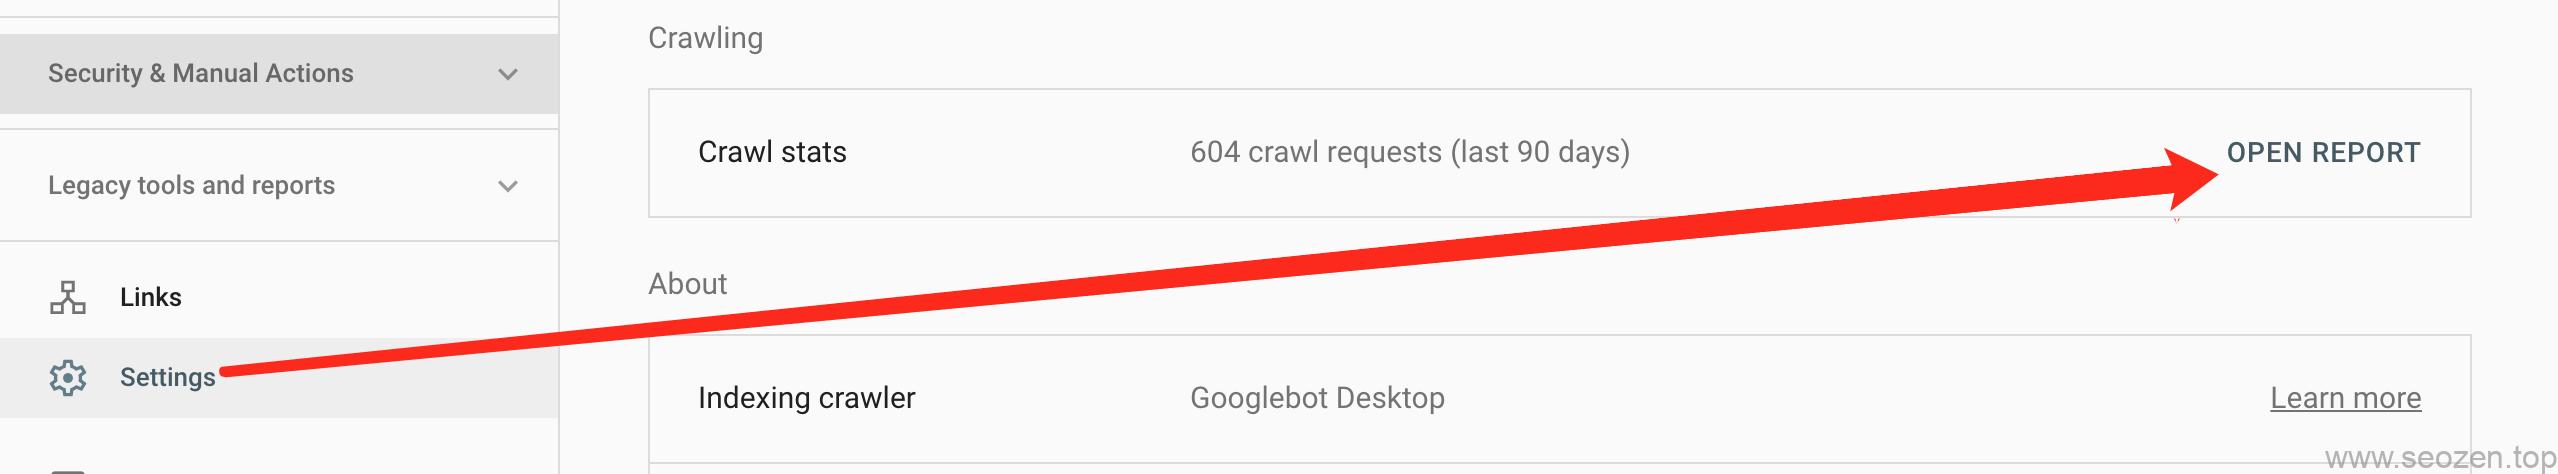 谷歌Search Console Crawling